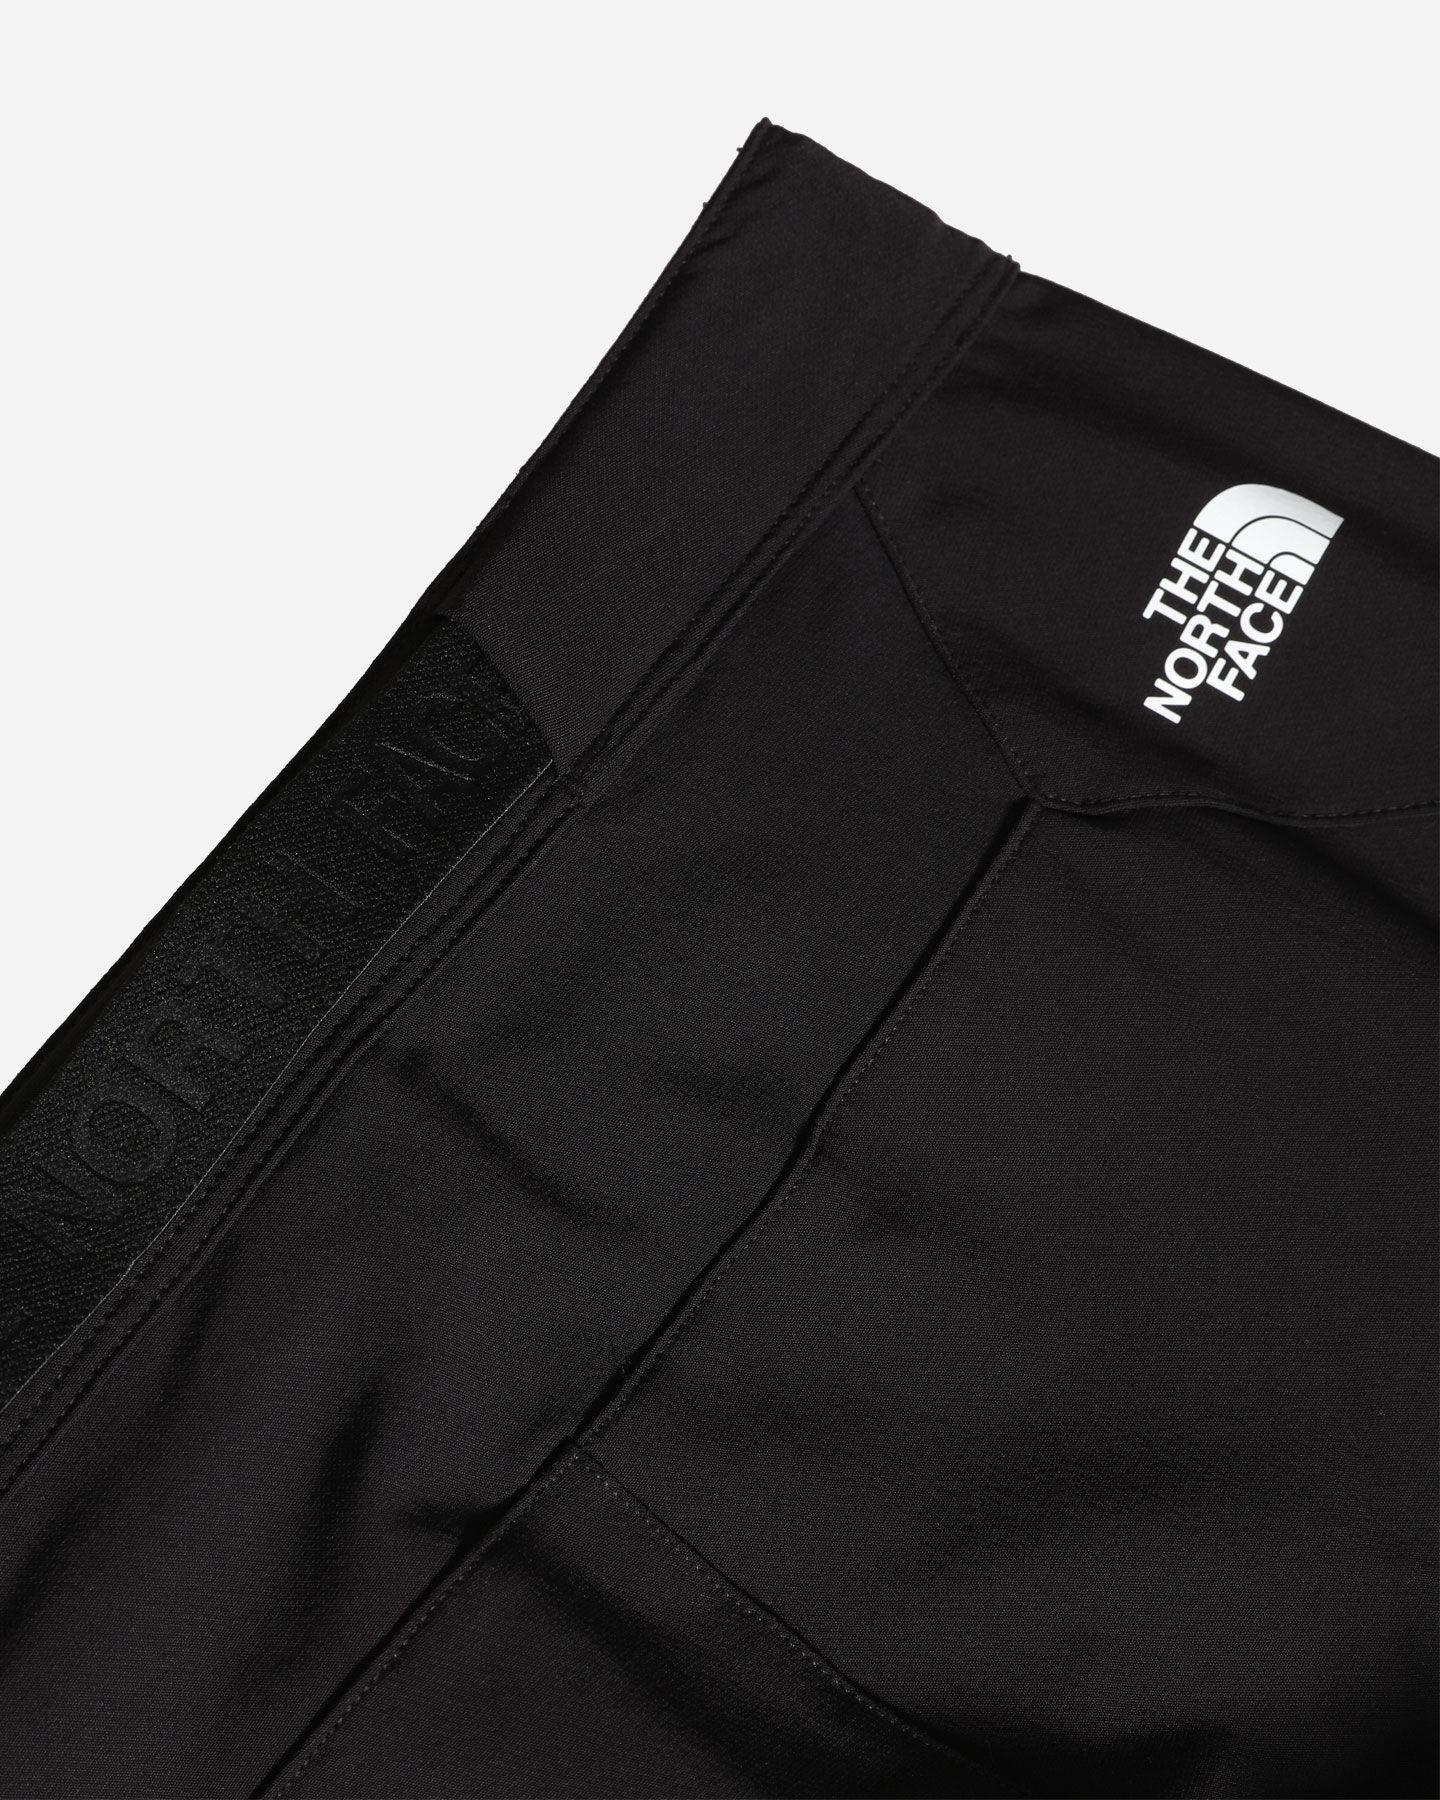 Pantalone outdoor THE NORTH FACE DIABLO II W S5242461 scatto 2